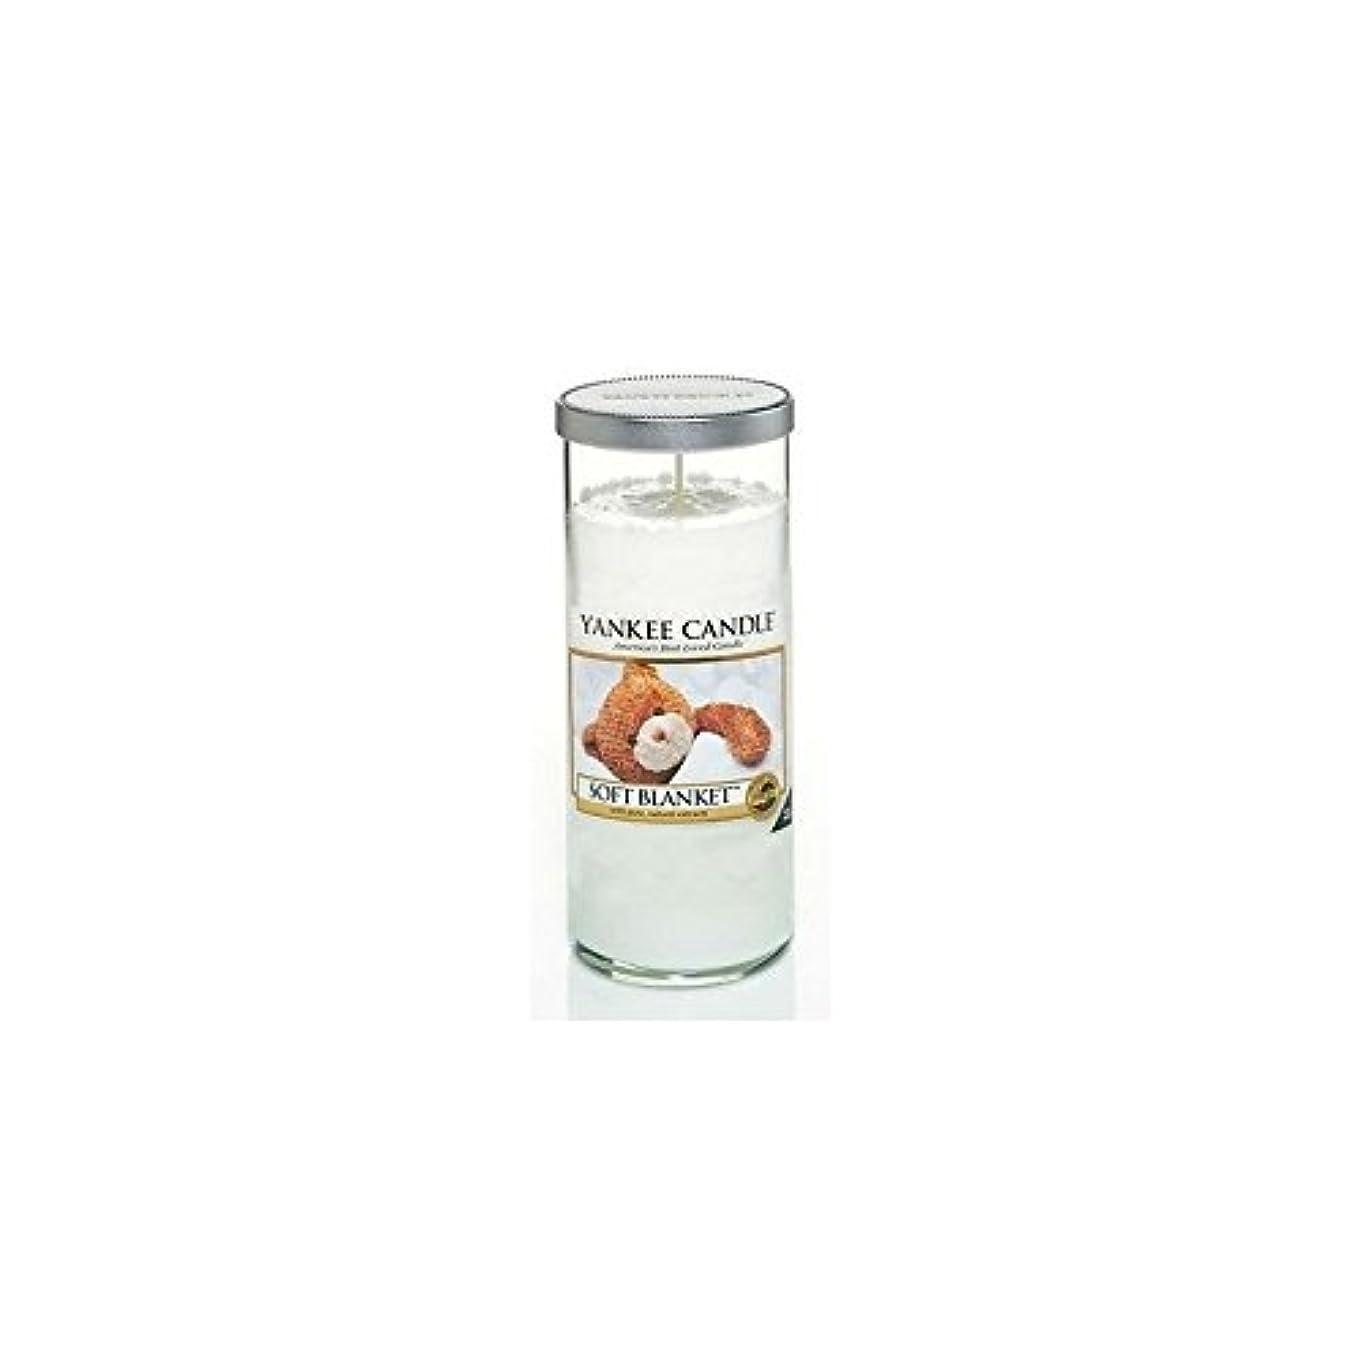 狂う肉の生き残りYankee Candles Large Pillar Candle - Soft Blanket (Pack of 2) - ヤンキーキャンドル大きな柱キャンドル - ソフト毛布 (x2) [並行輸入品]